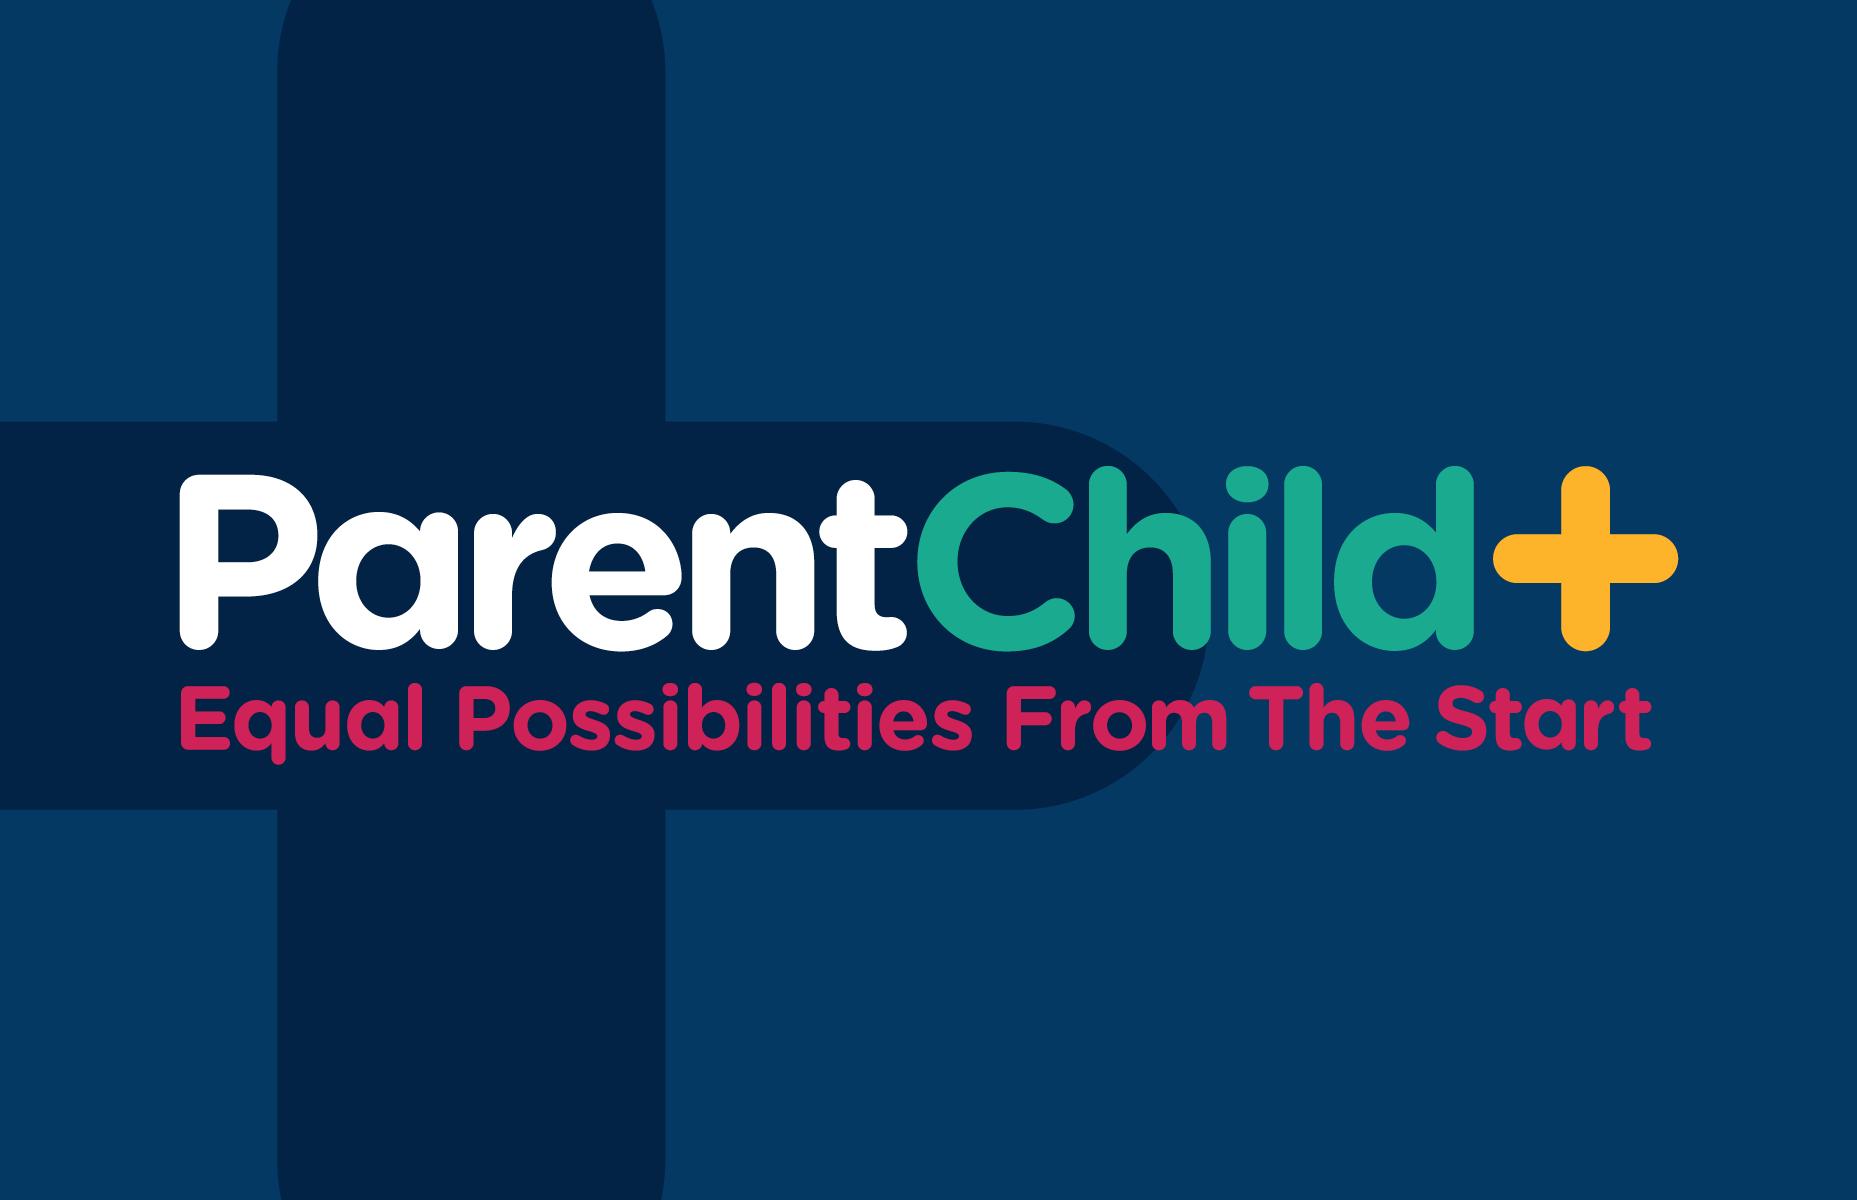 parentChildplus.png